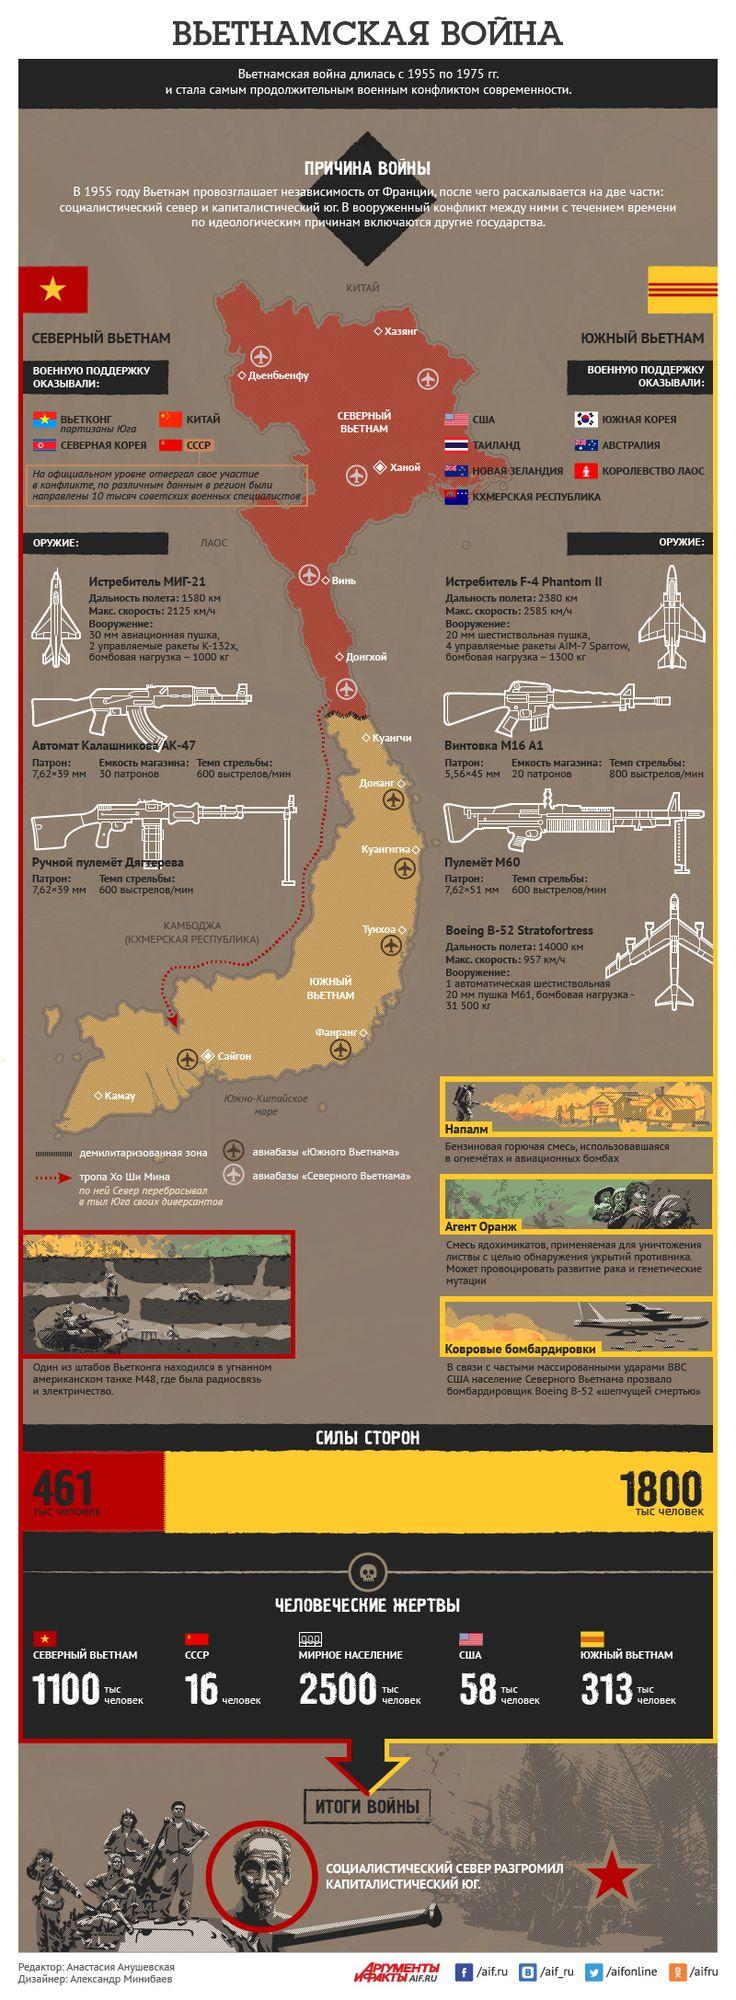 Вьетнамская война в цифрах и фактах. Инфографика | Инфографика | Вопрос-Ответ | Аргументы и Факты